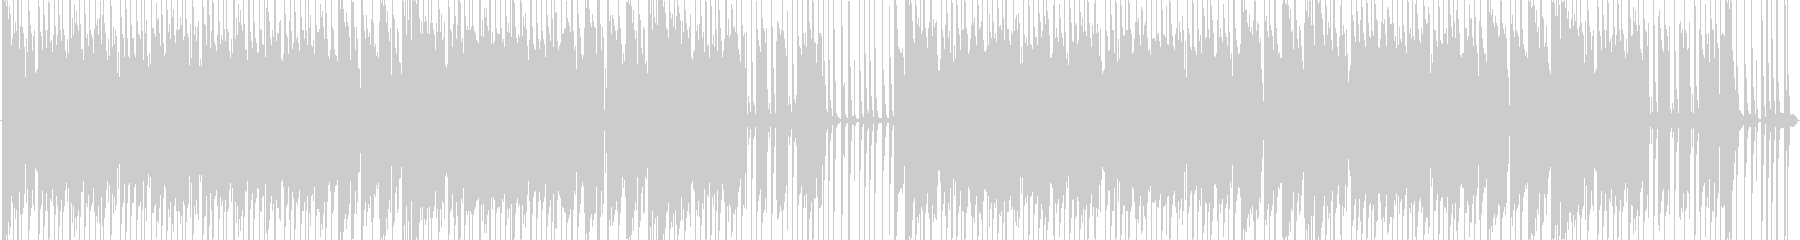 鬼気迫る軽快なソウルJAMサウンドの未再生の波形